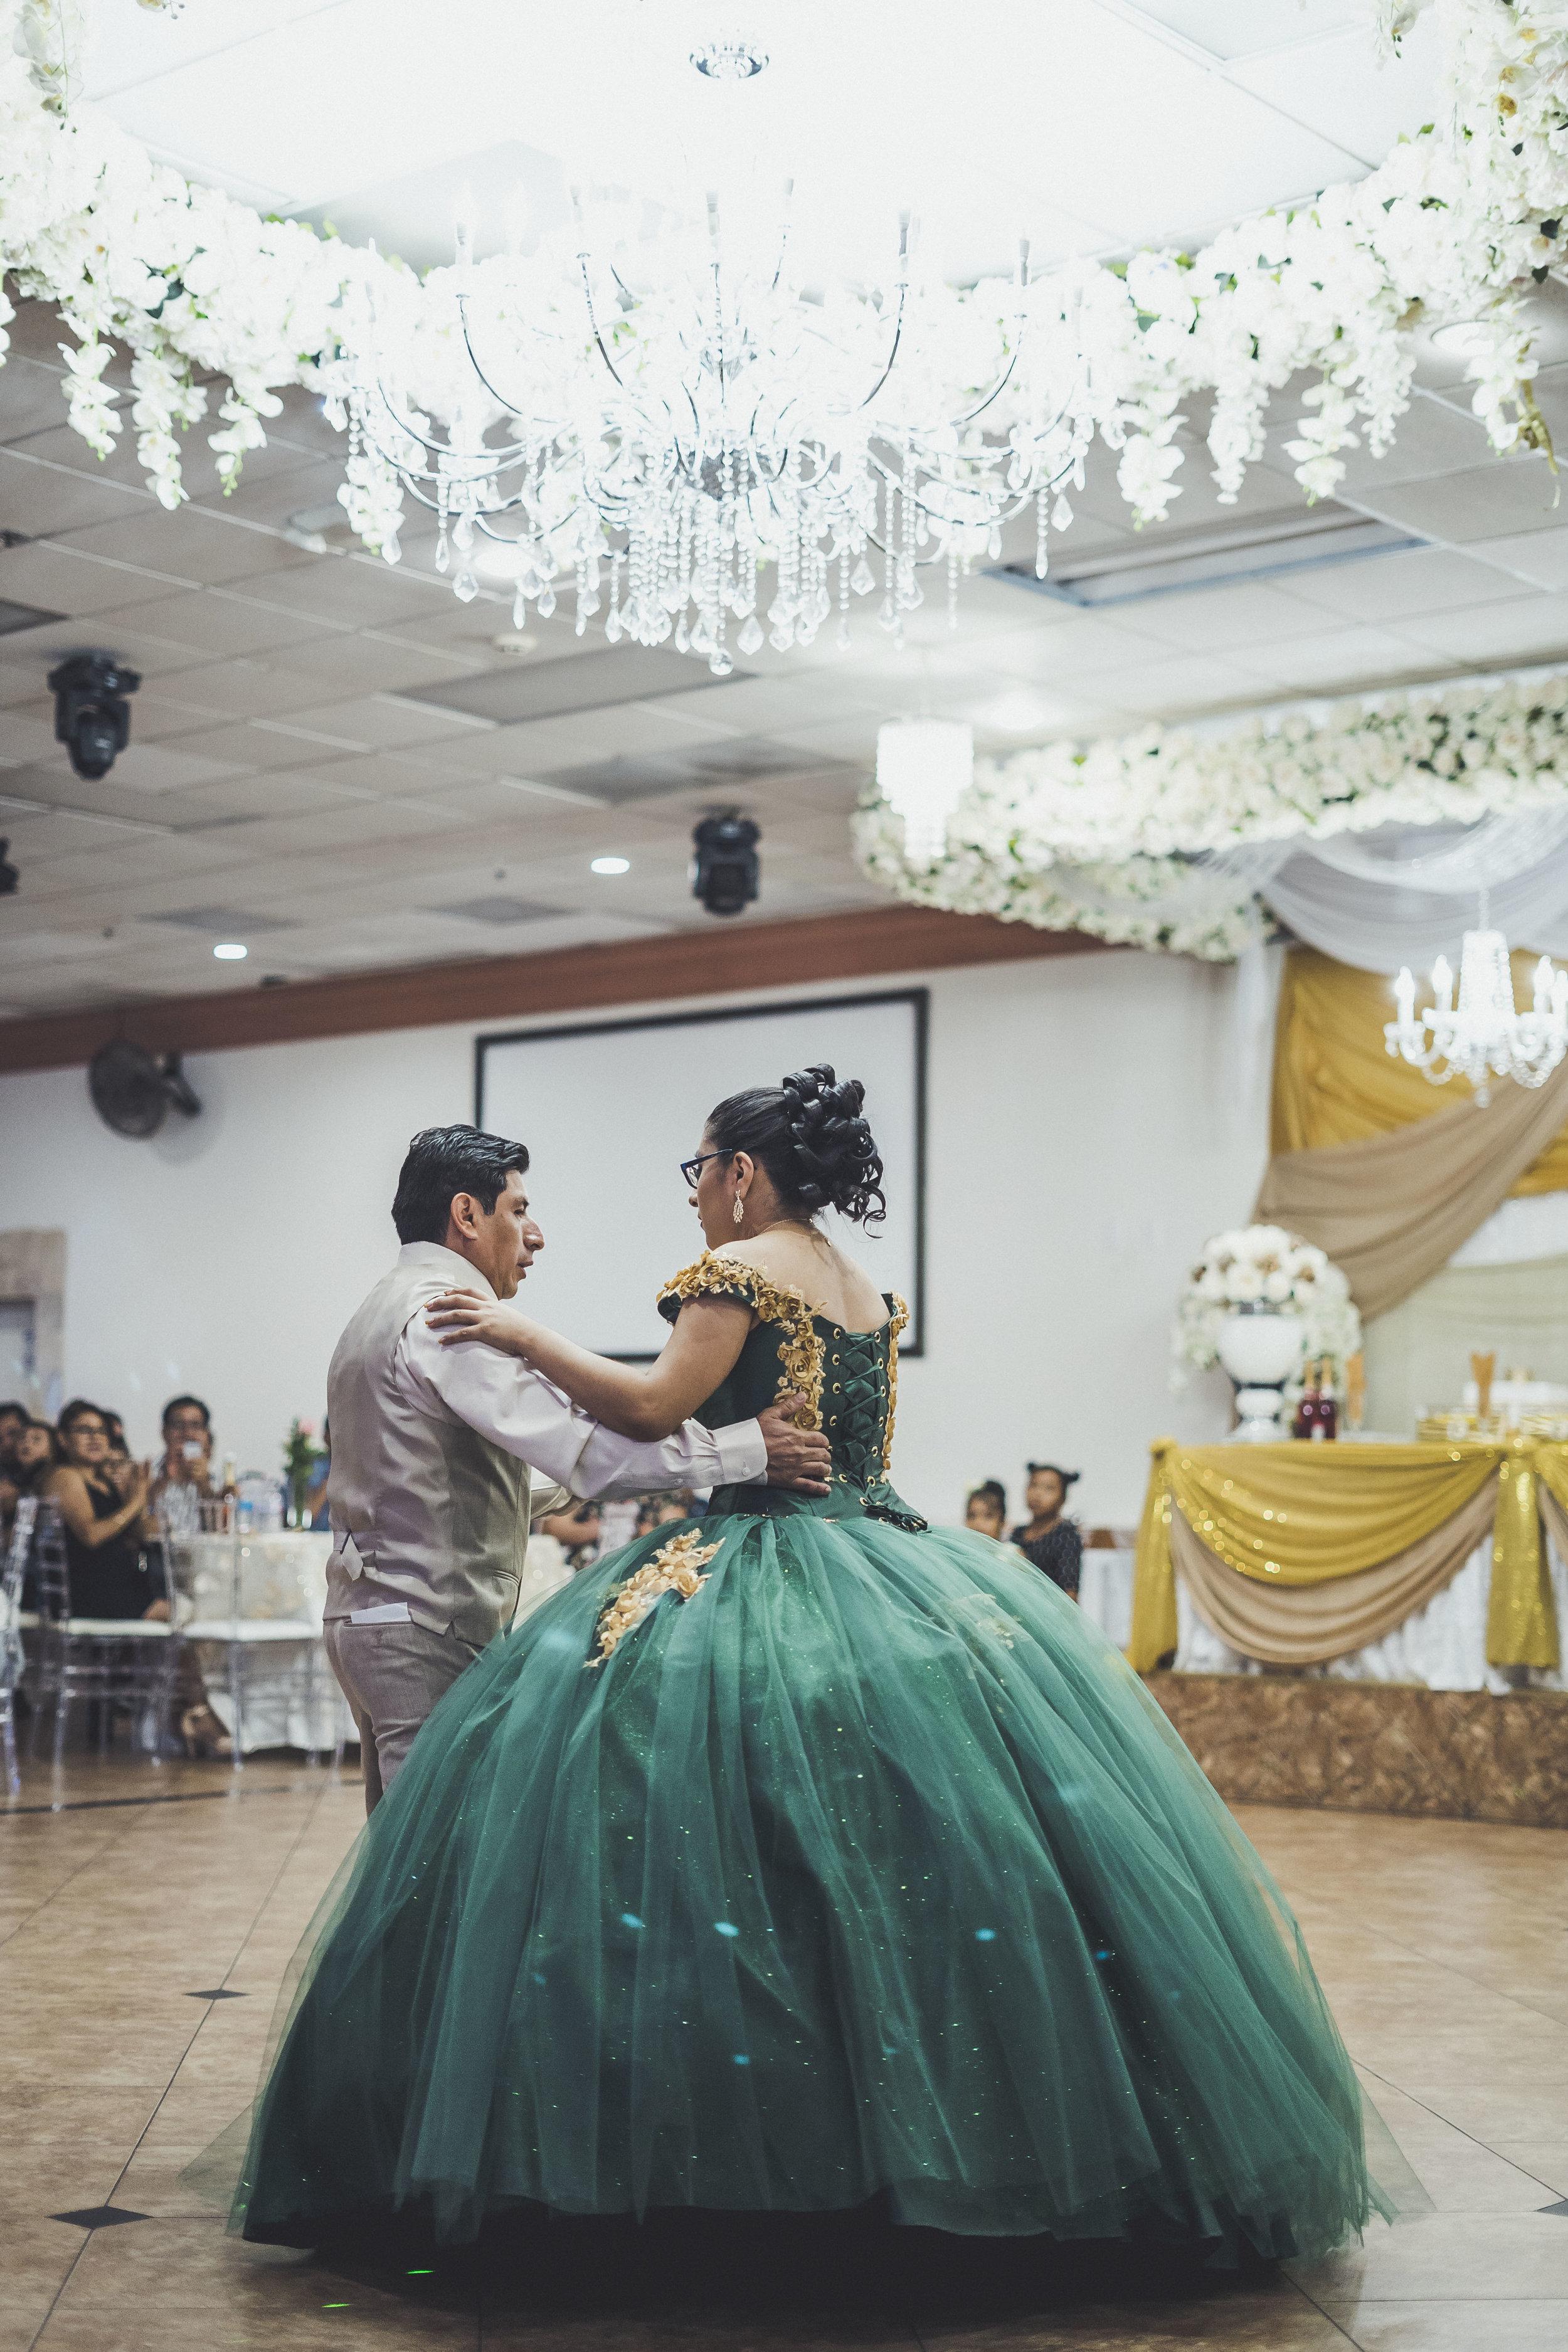 06-07-2019 Quinceañera - Ariana Garcia Maximilliano_6554.jpg